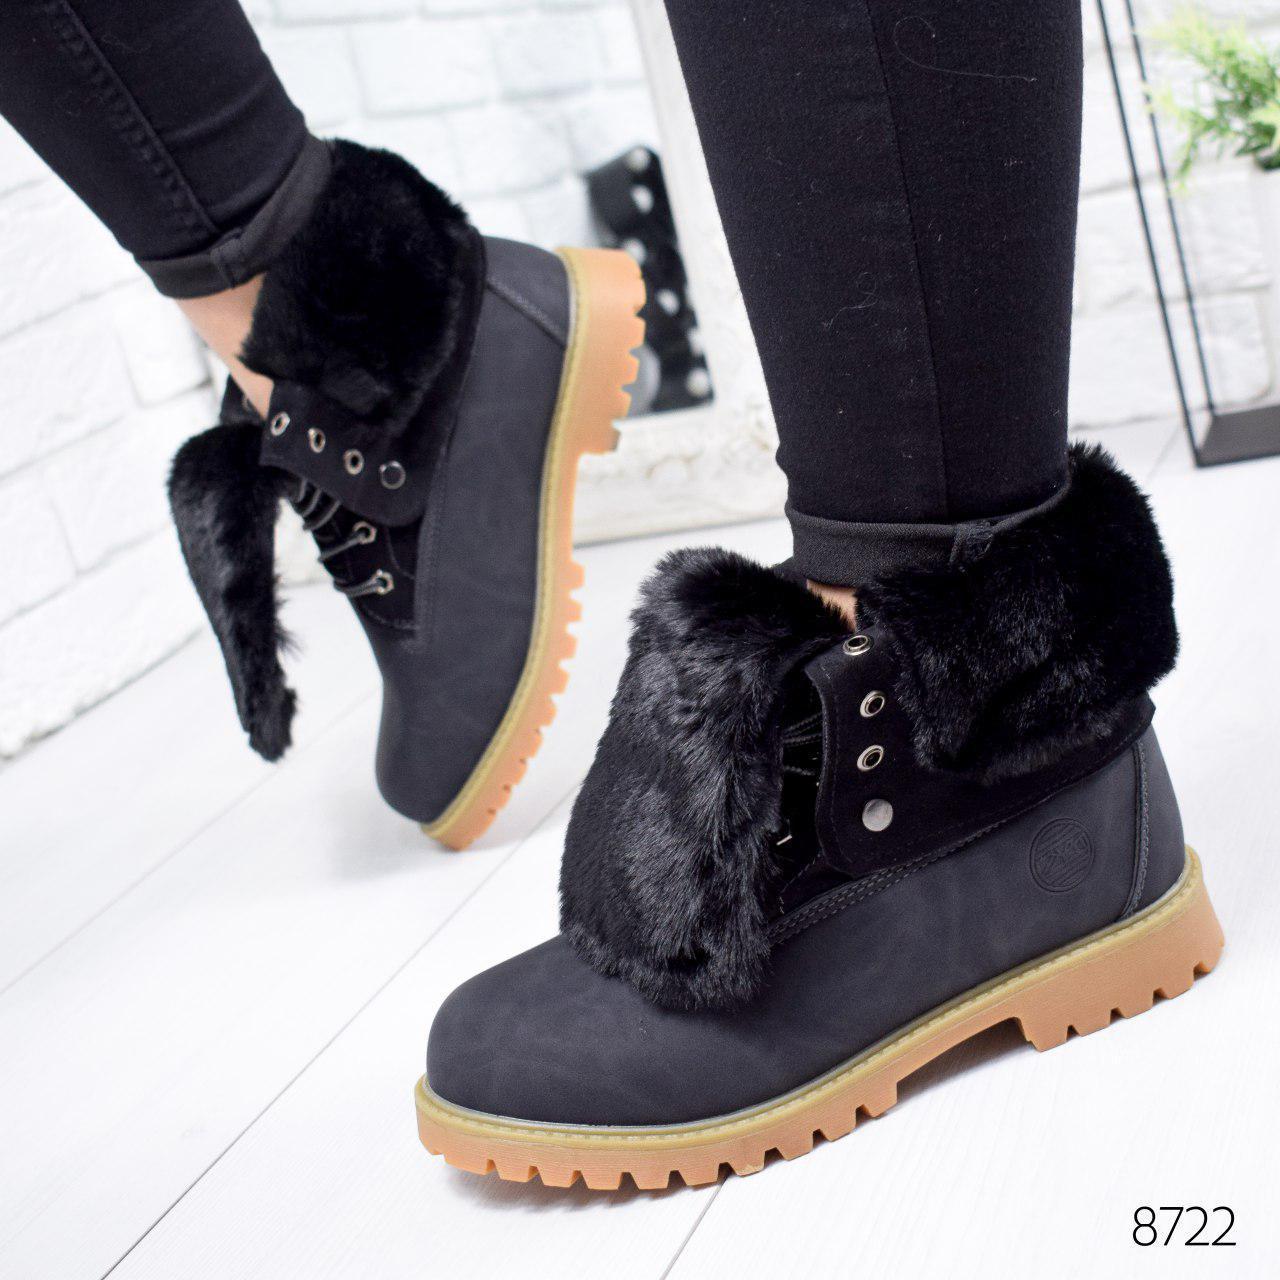 """Ботинки женские зимние """"Tima"""" черного цвета из эко нубука. Ботильоны женские. Ботильоны зима"""